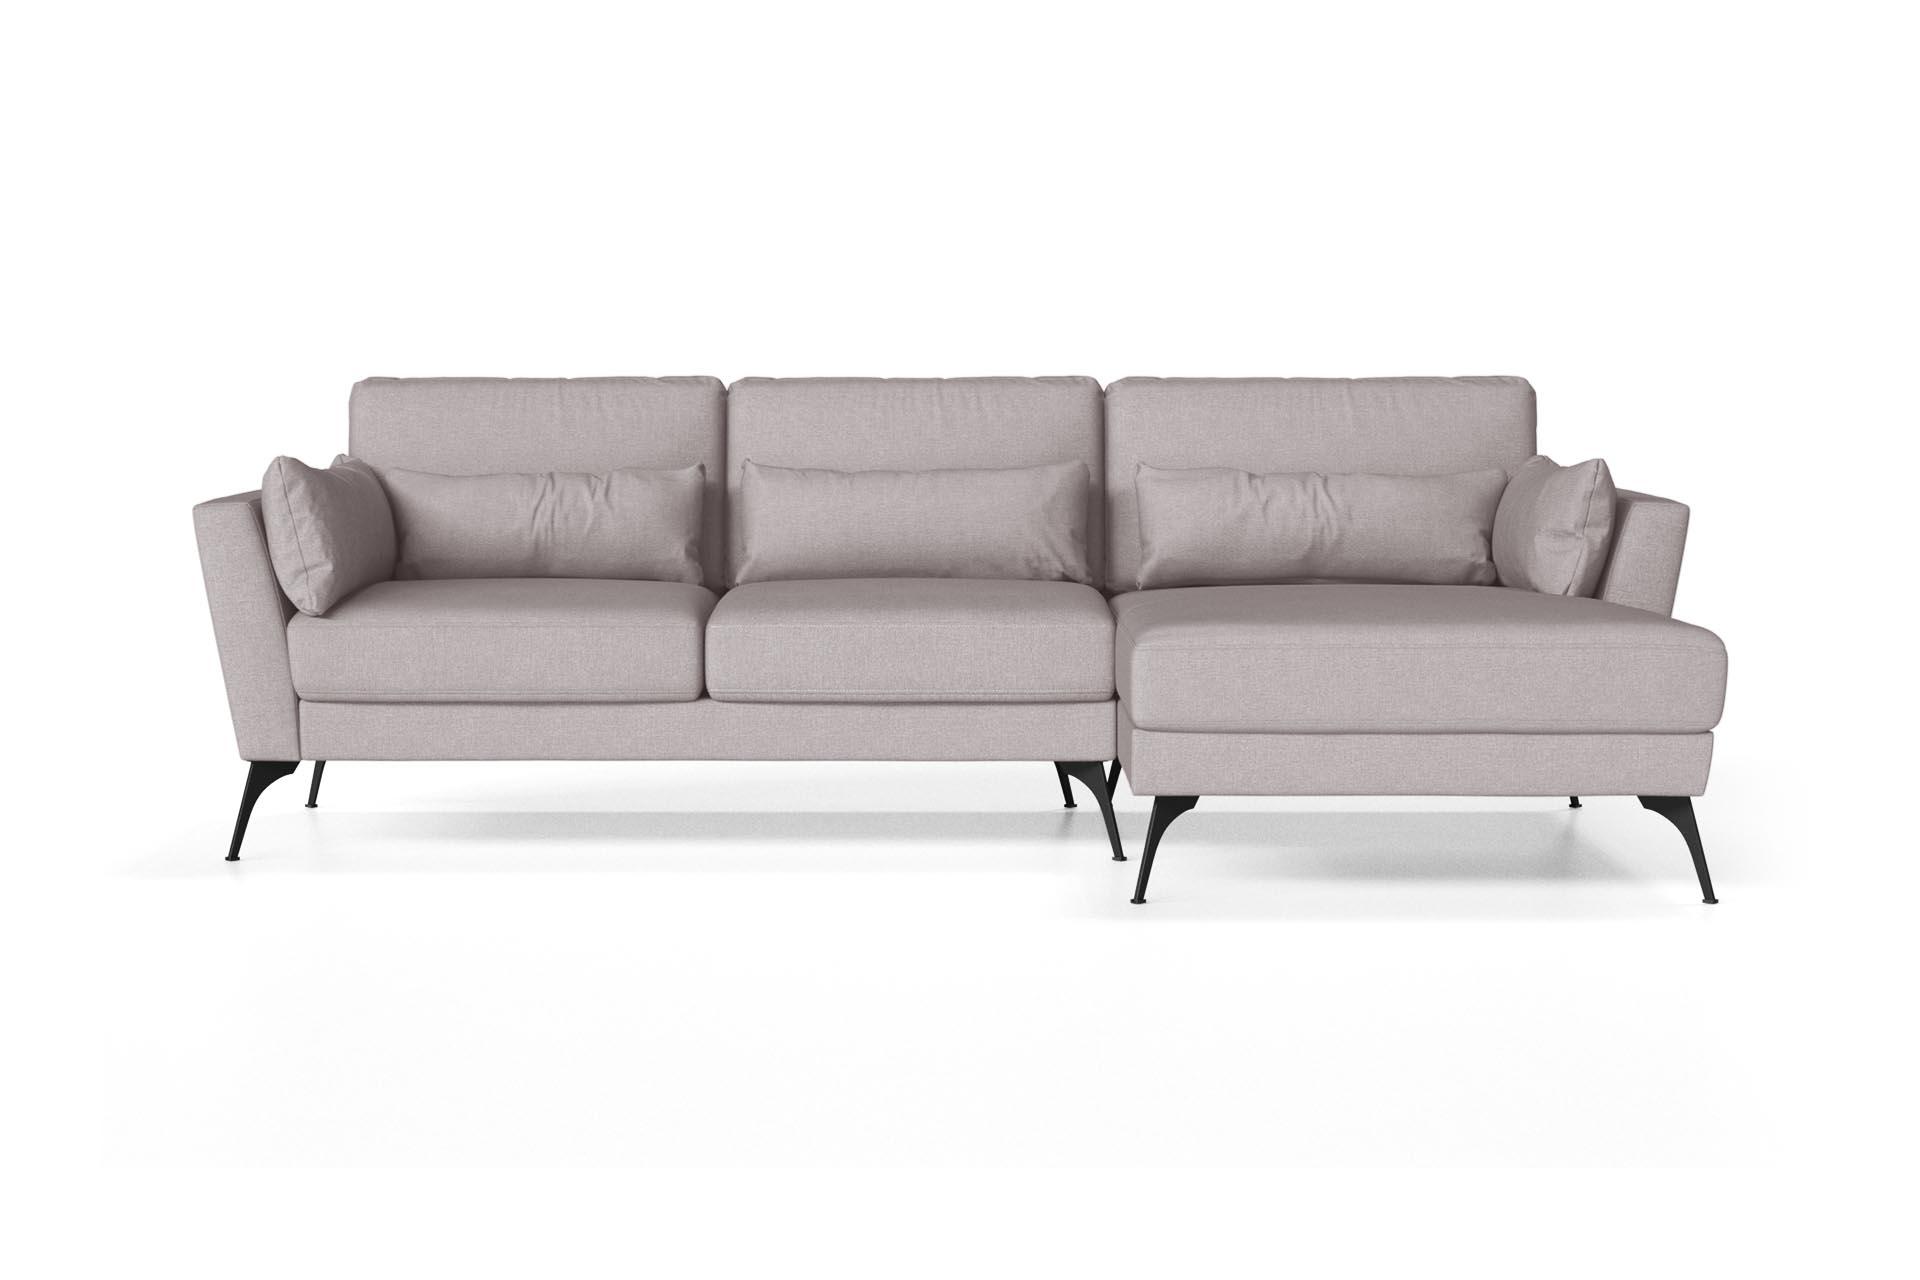 Canapé d'angle droit 4 places toucher lin beige